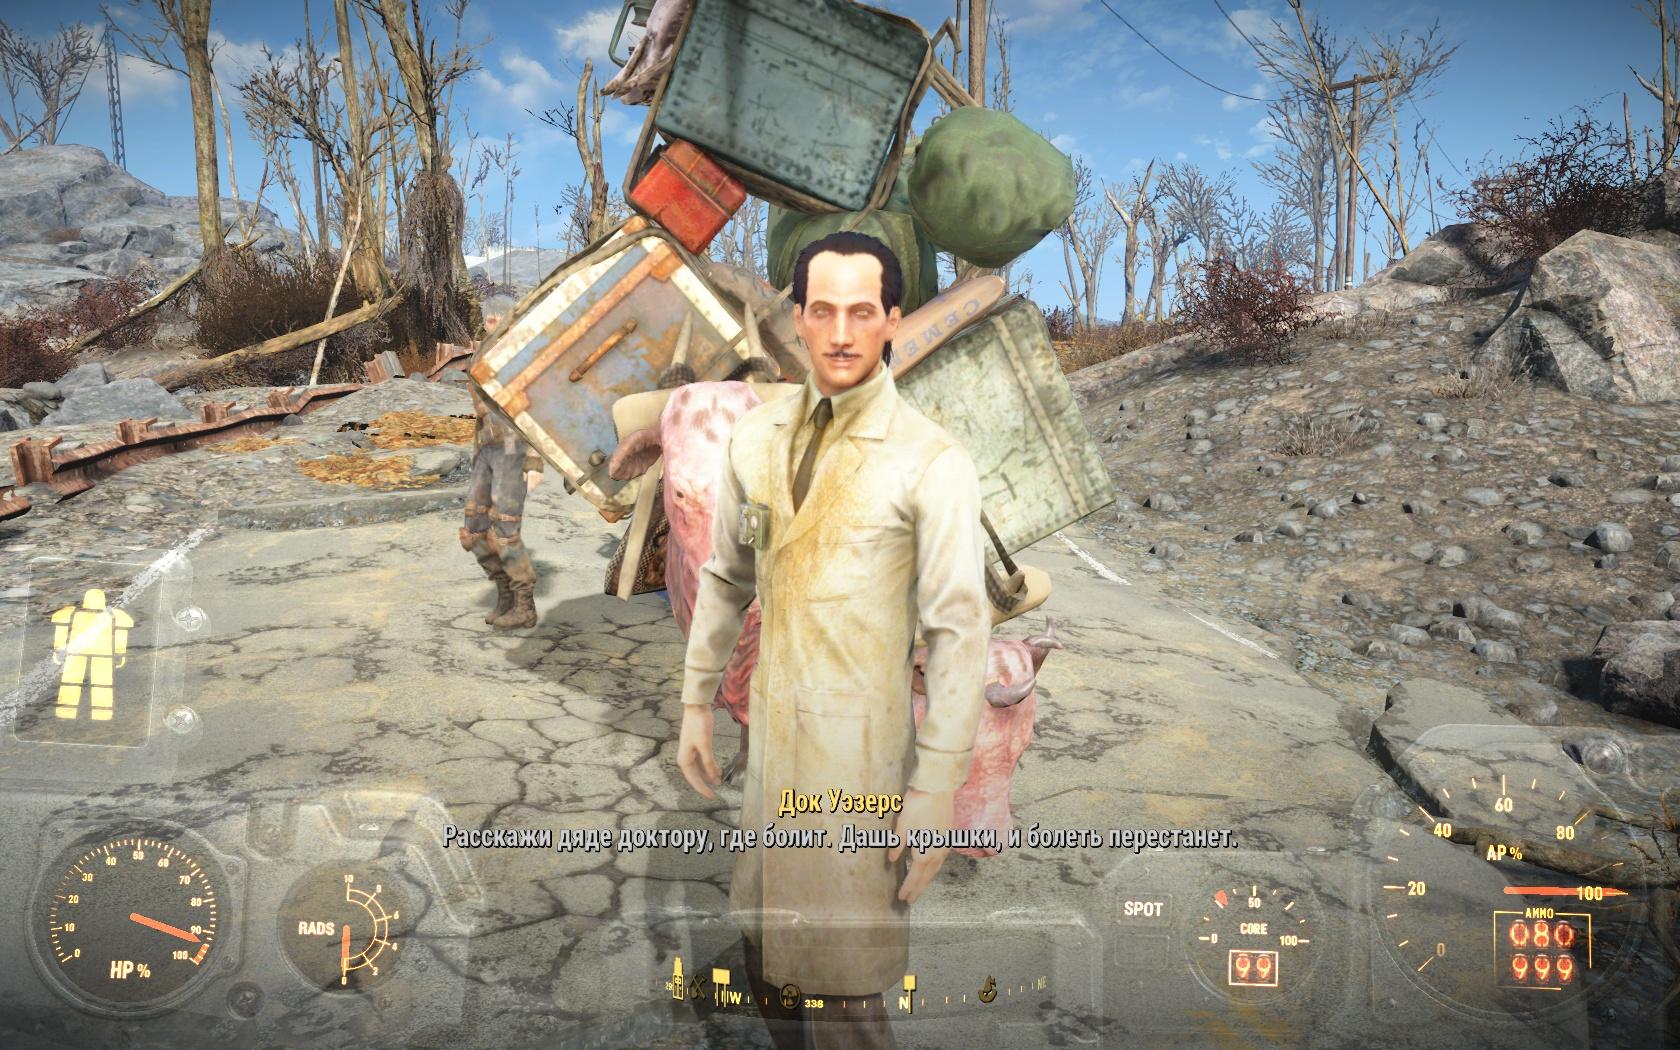 Торговец-весельчак Док Уэзерс - Fallout 4 Док, Док Уэзерс, Уэзерс